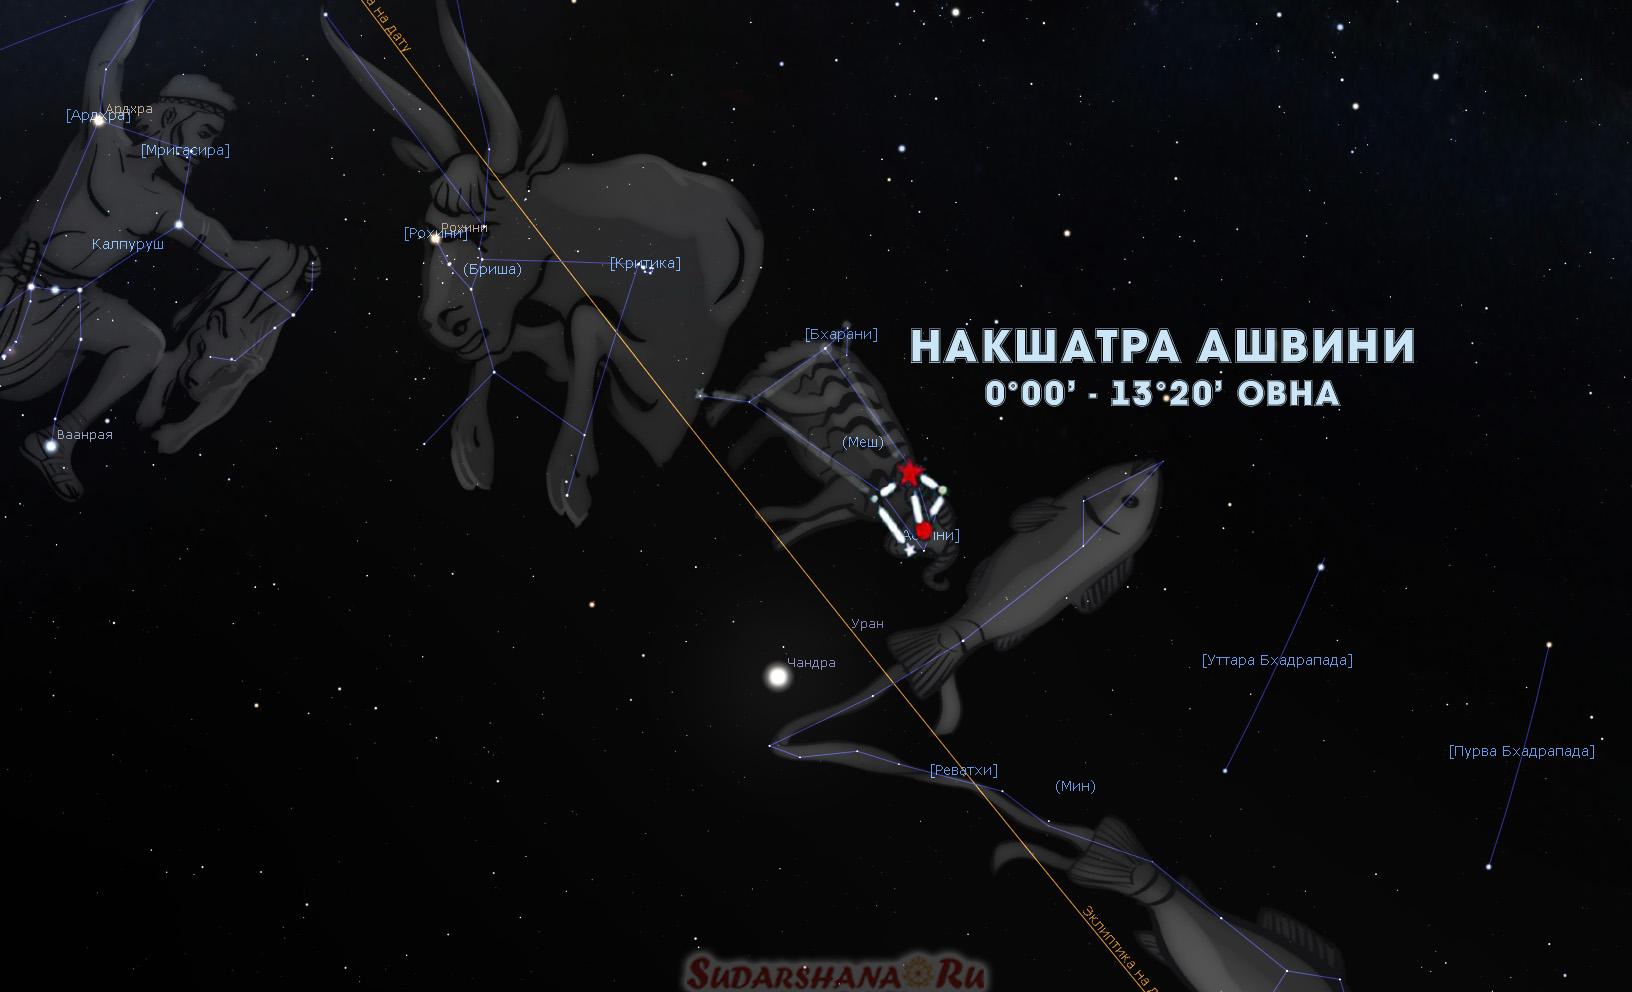 Накшатра Ашвини в звездном небе